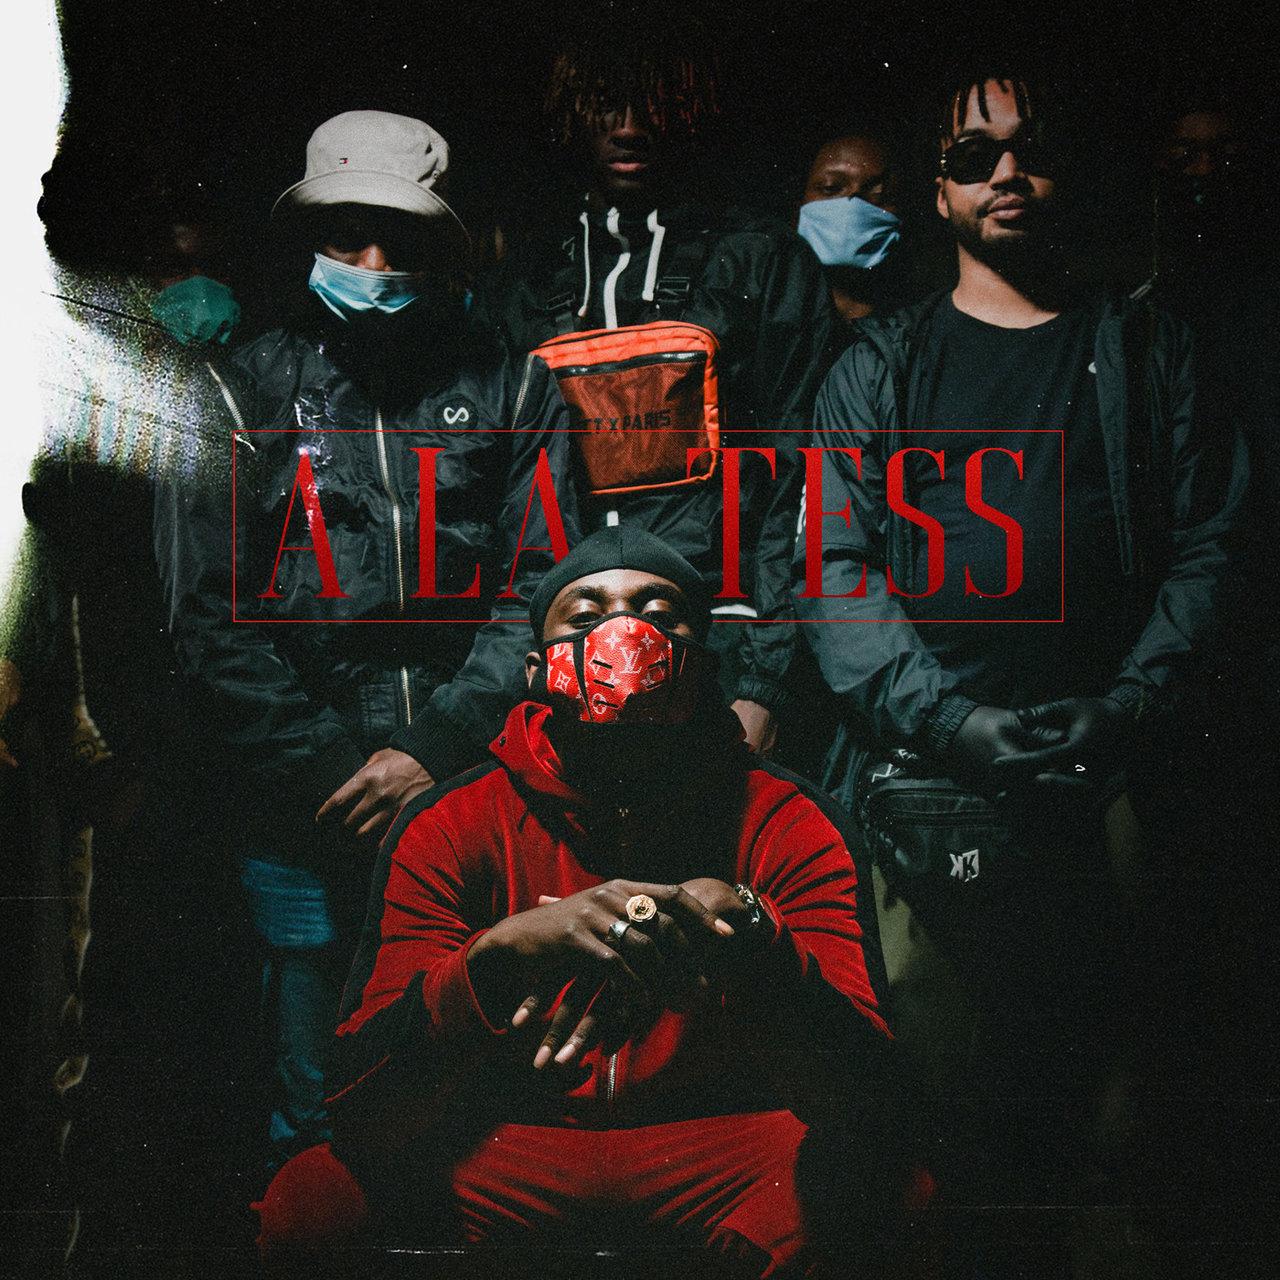 JNR - À La Tess (Cover)